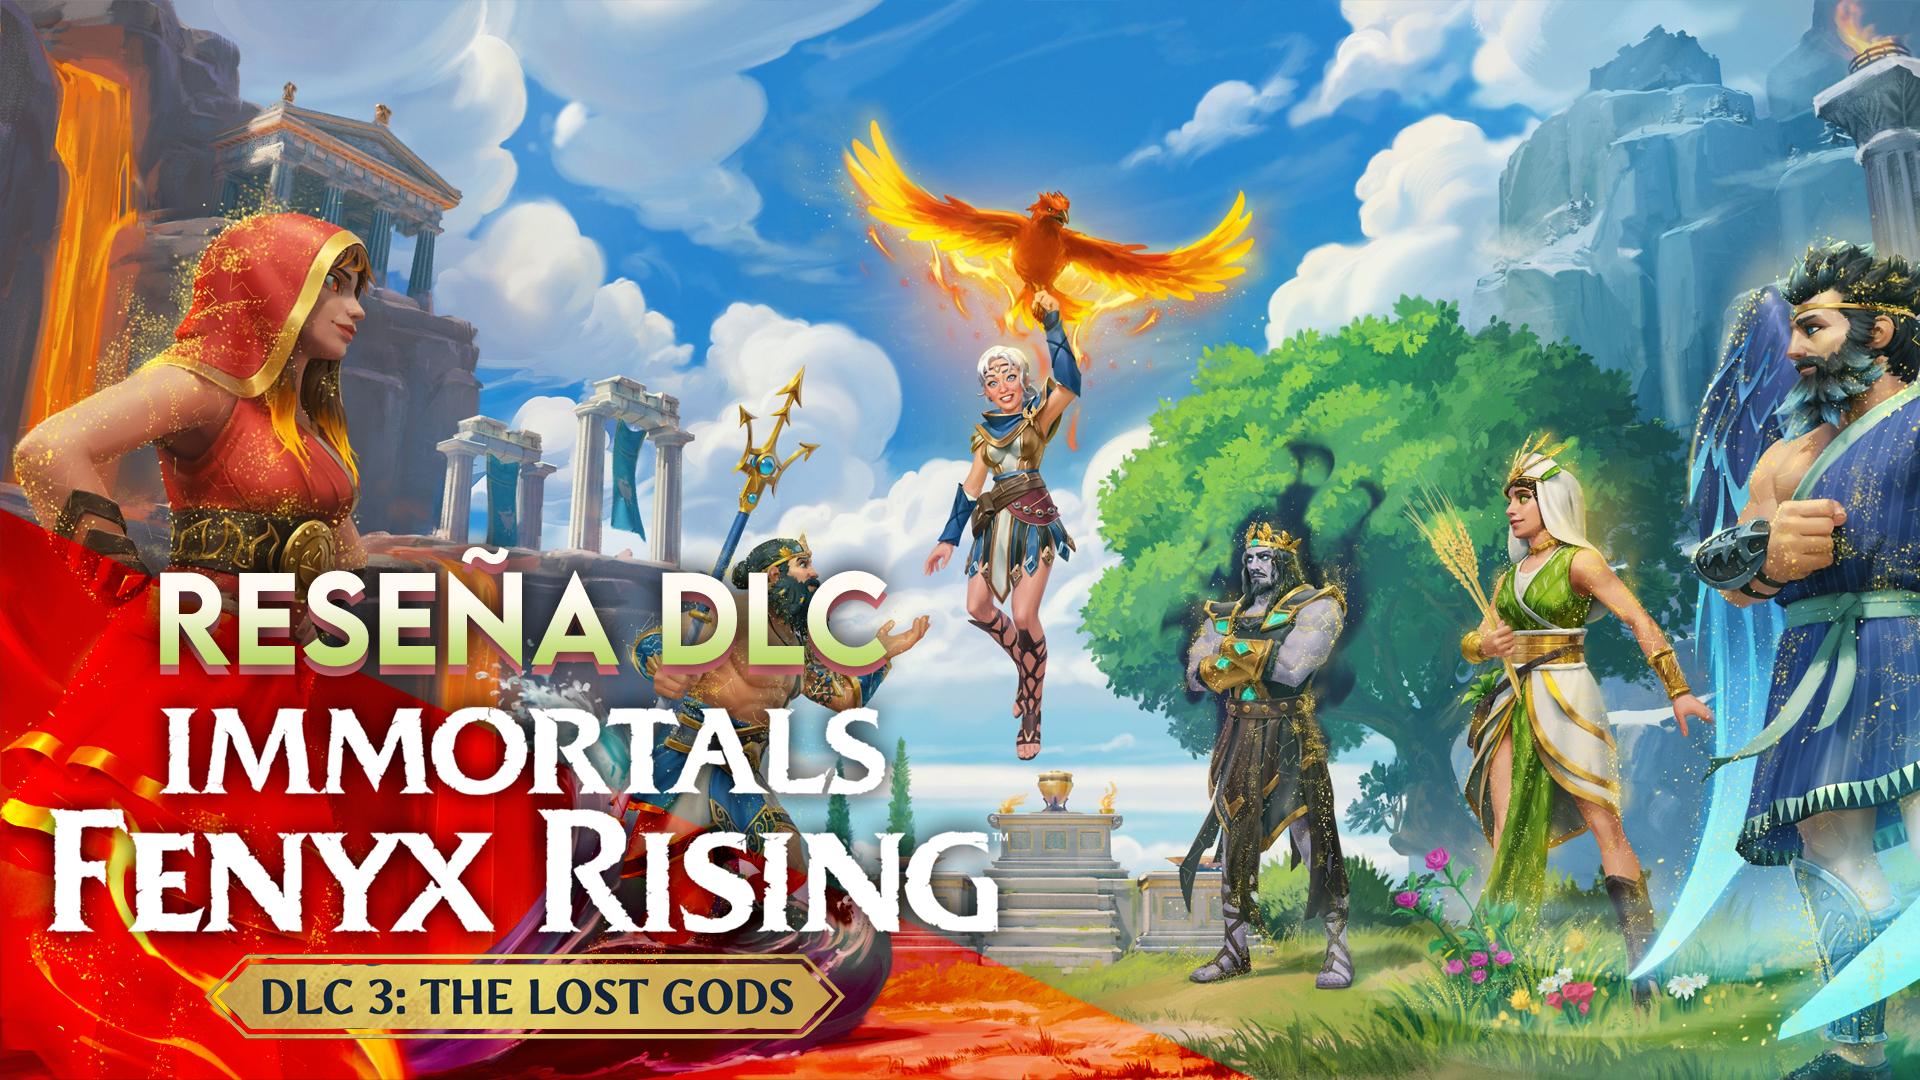 Reseña DLC Immortals Fenyx Rising: The Lost Gods – Encontremos a esos dioses desobligados